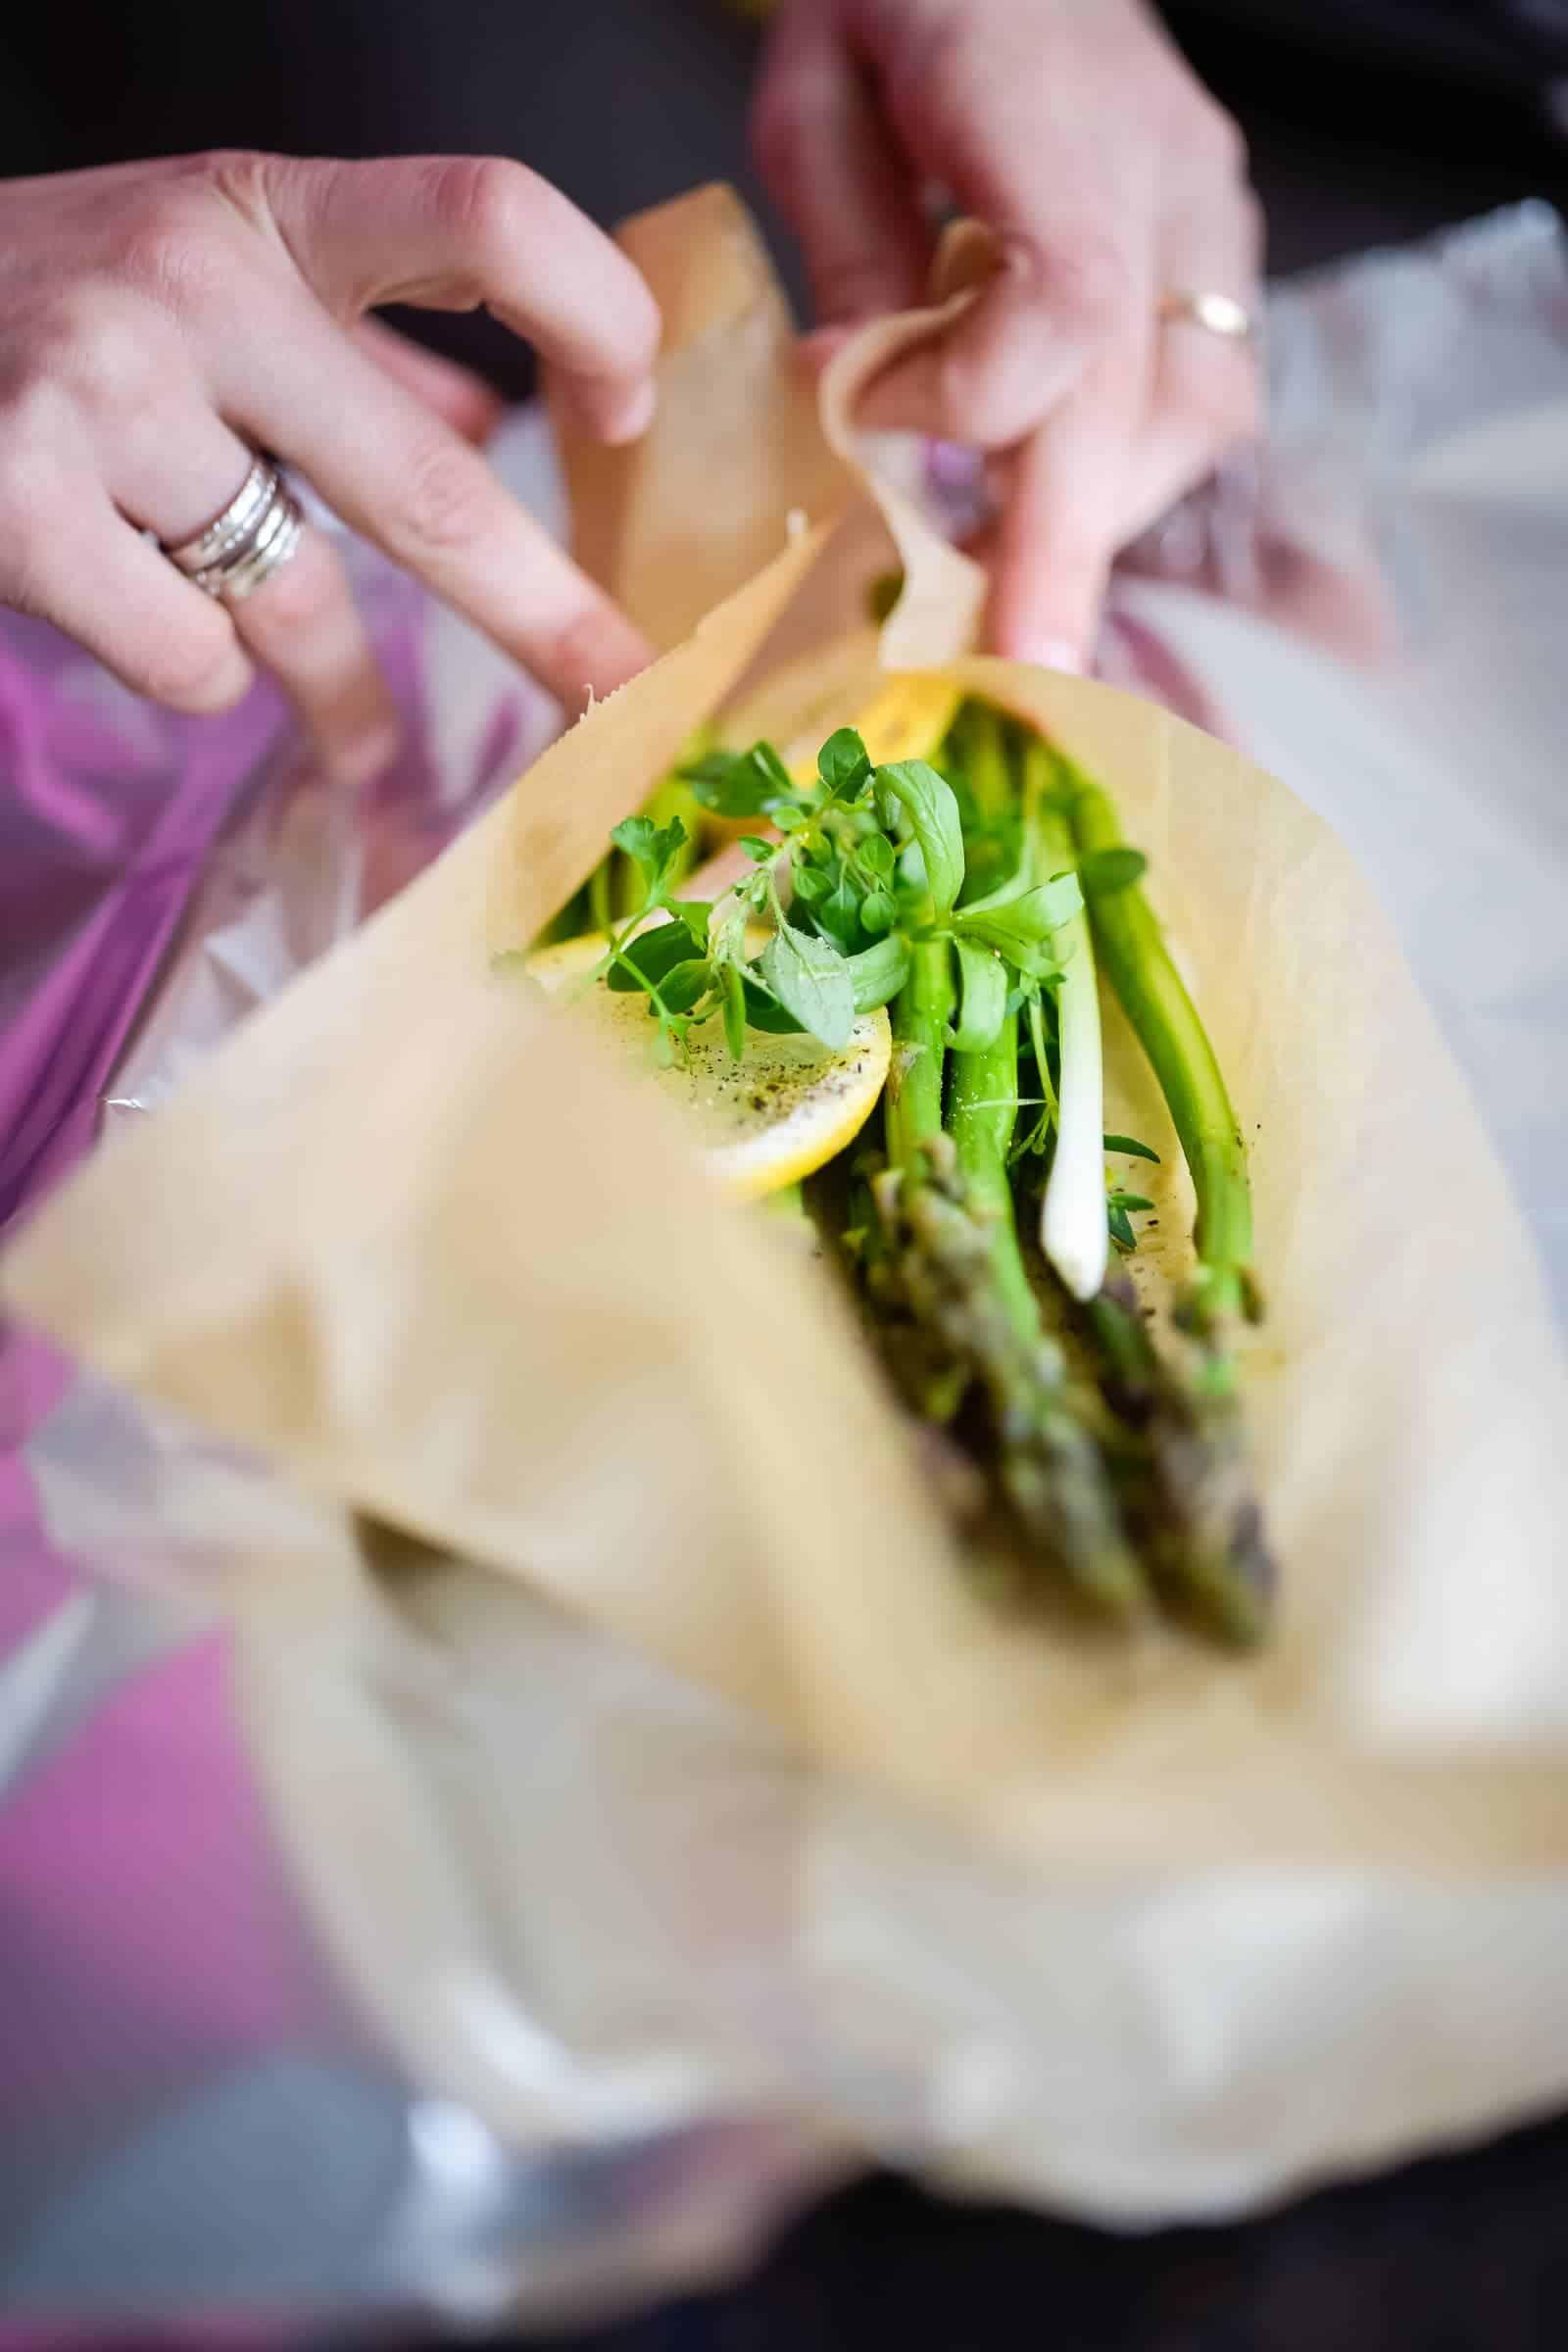 Asparagi al cartoccio con erbe aromatiche preparazione preparazione 4